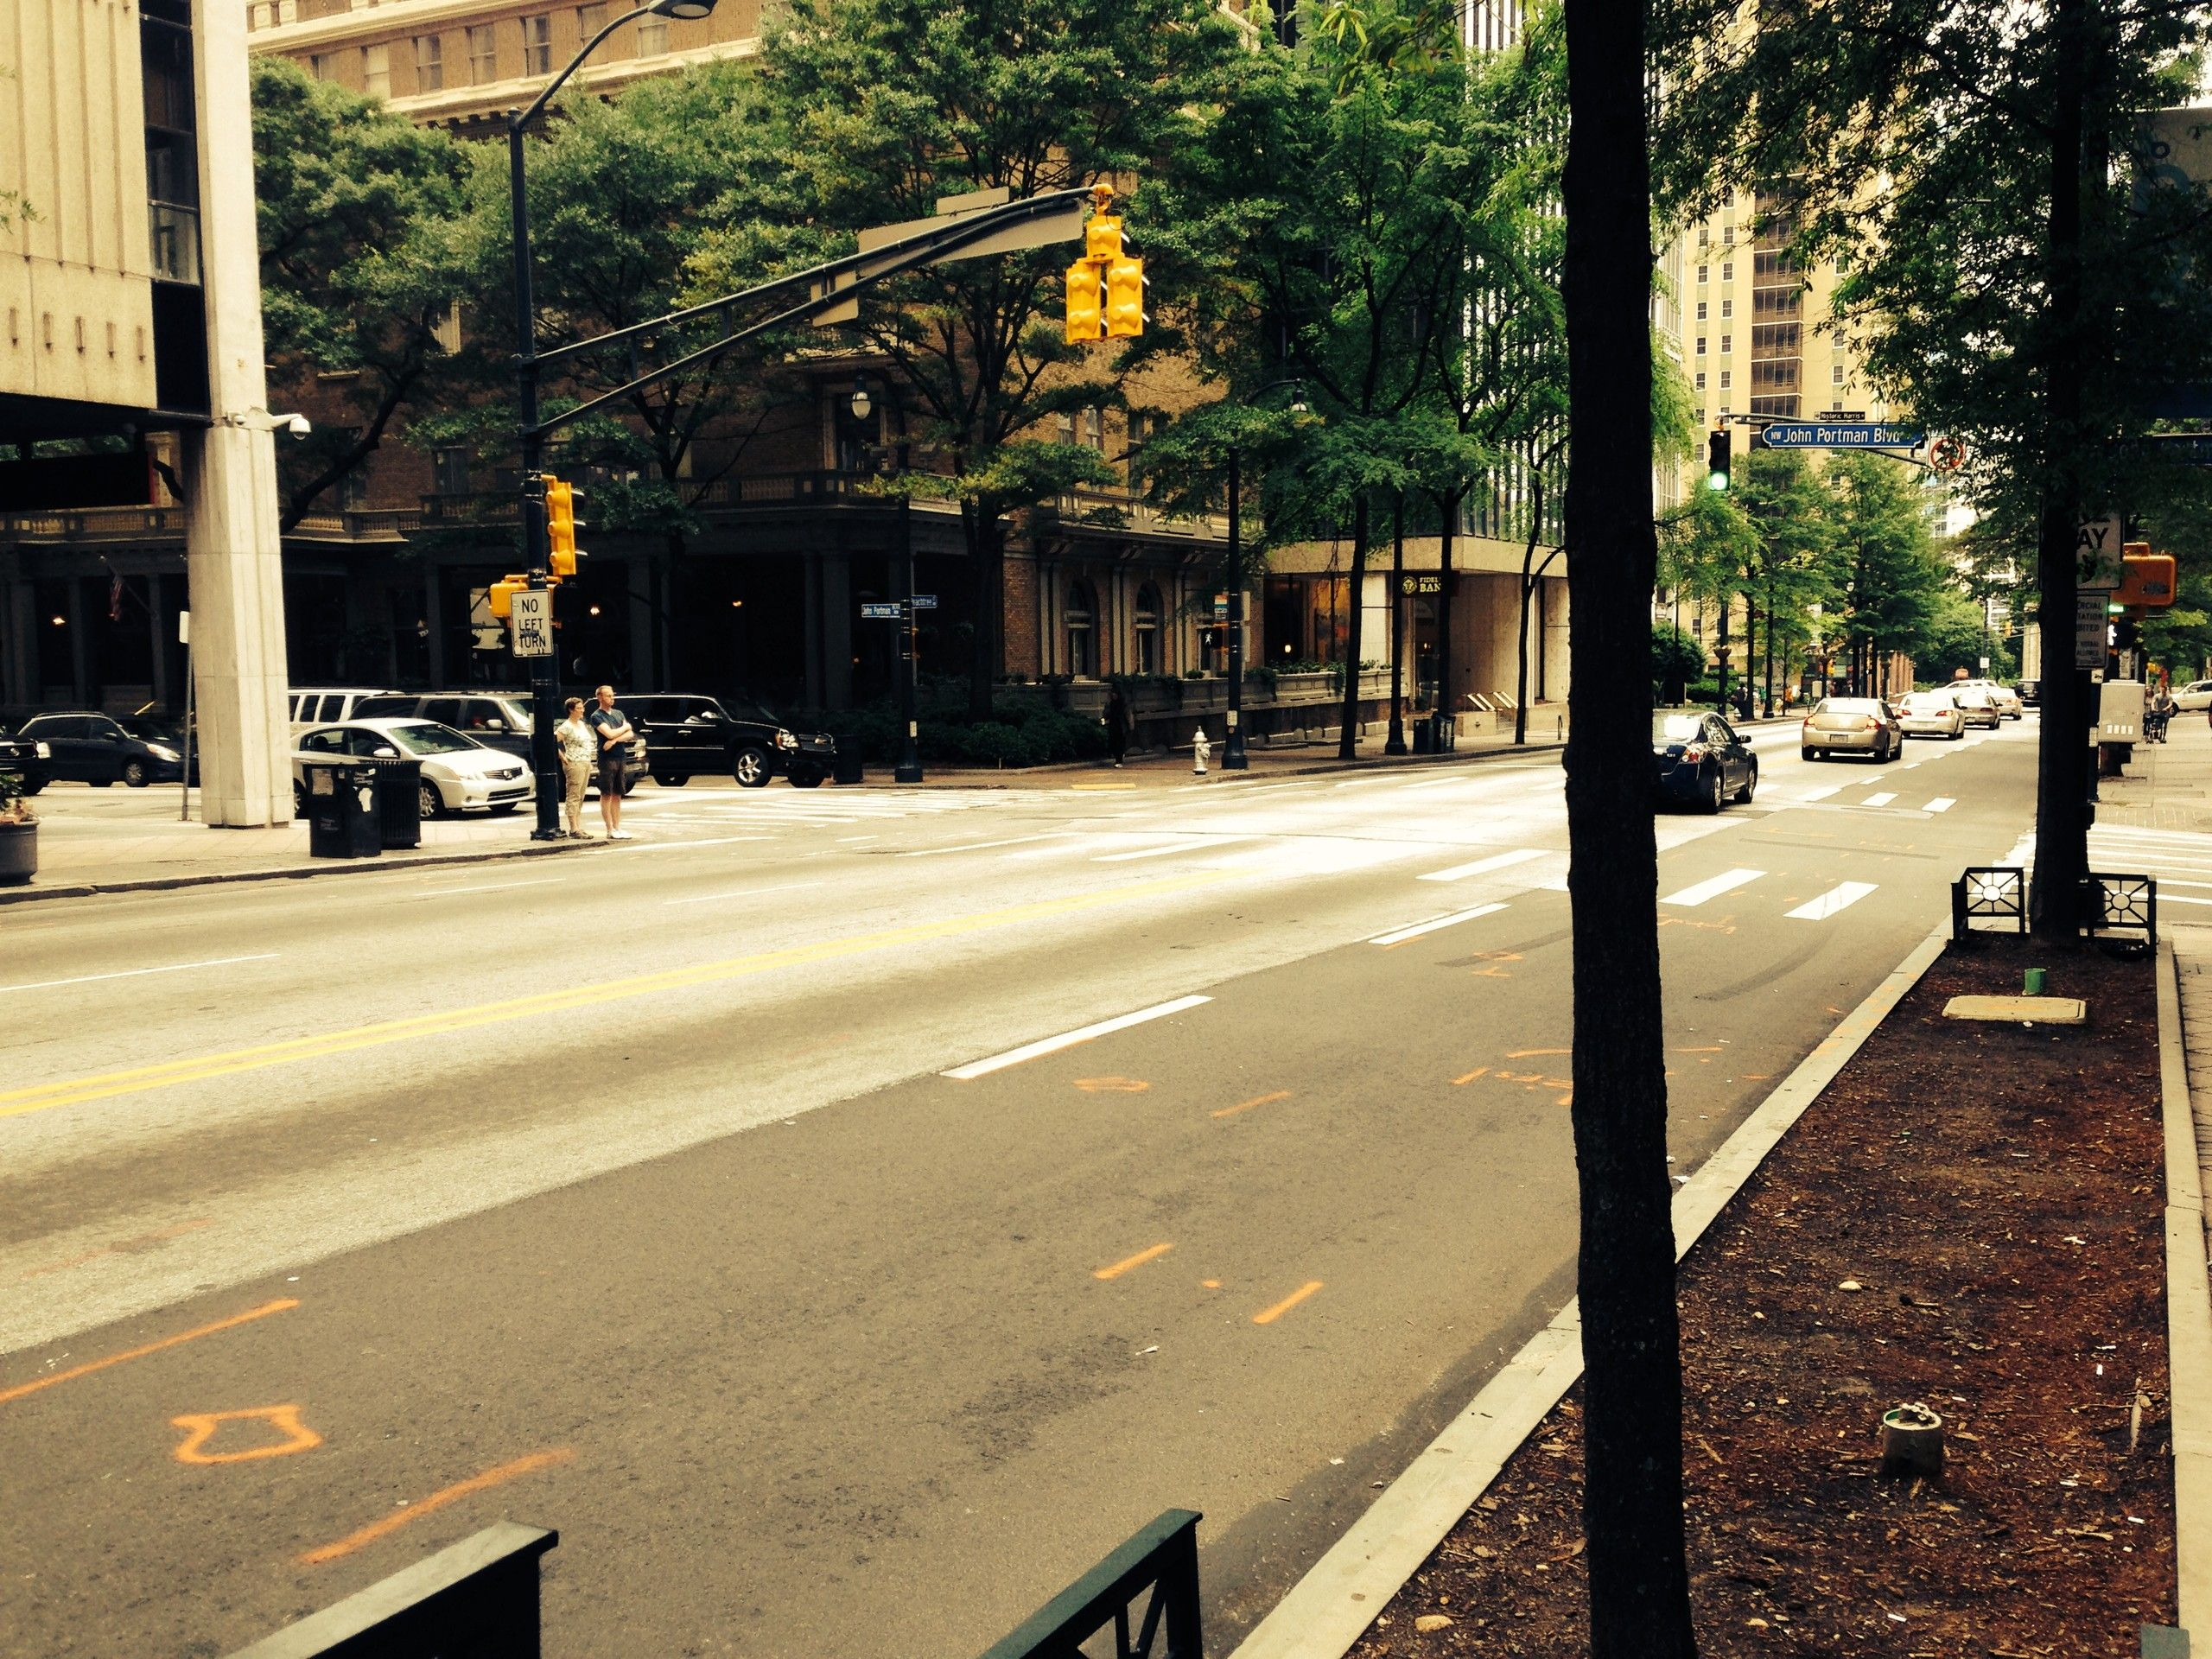 Straße in Downtown Atlanta